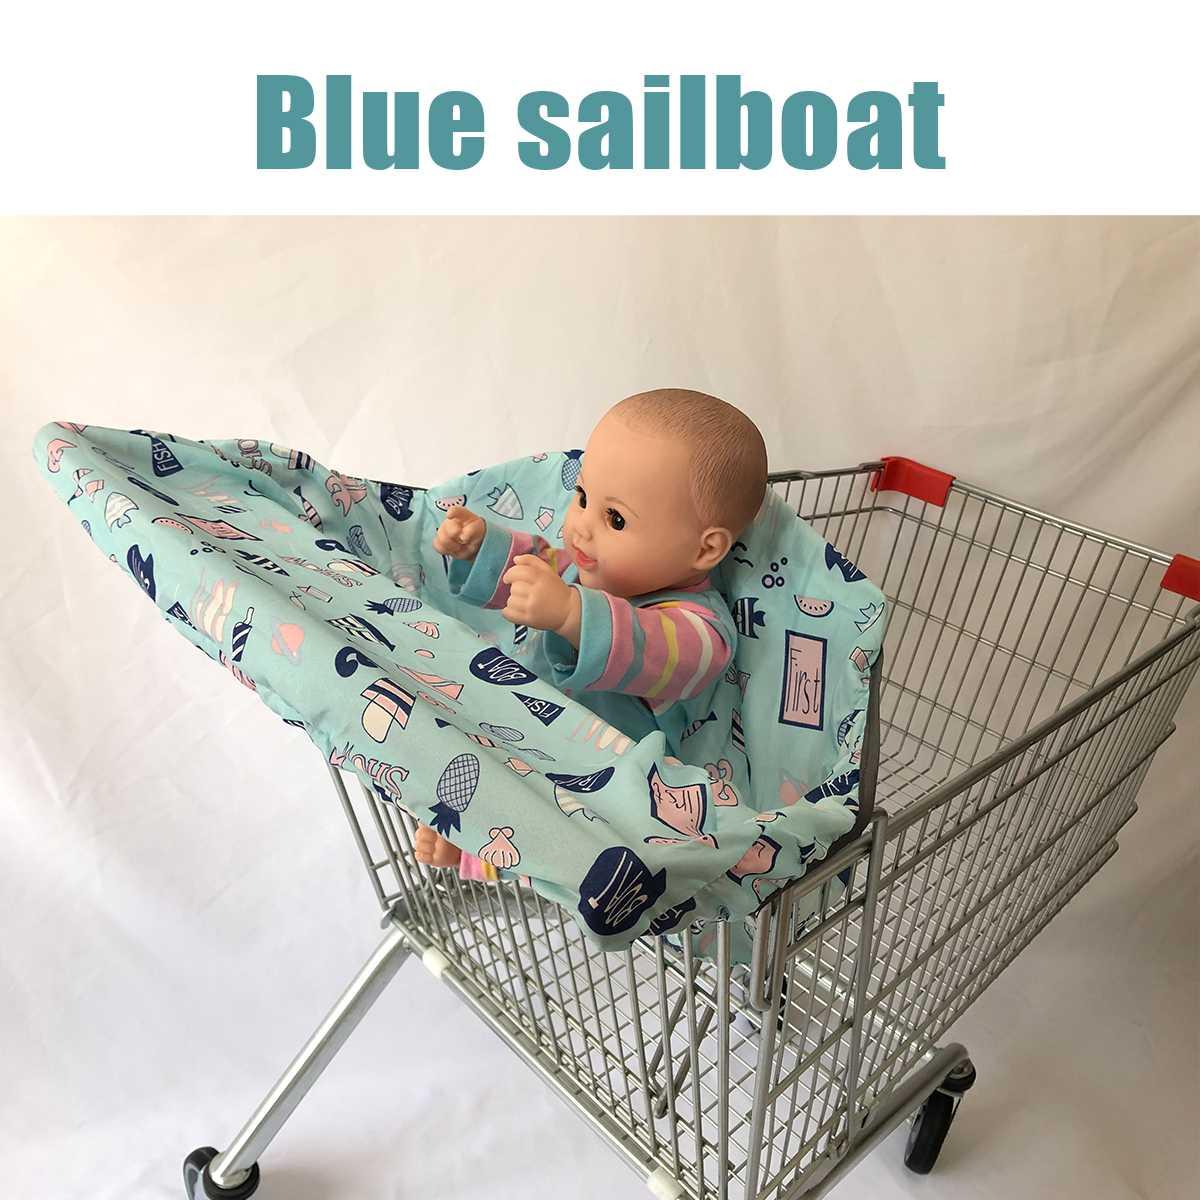 Детская продуктовая тележка для малышей, детская тележка для покупок, Защитная крышка для тележки, защита сиденья, безопасные сиденья для детей - Цвет: Blue sailboat